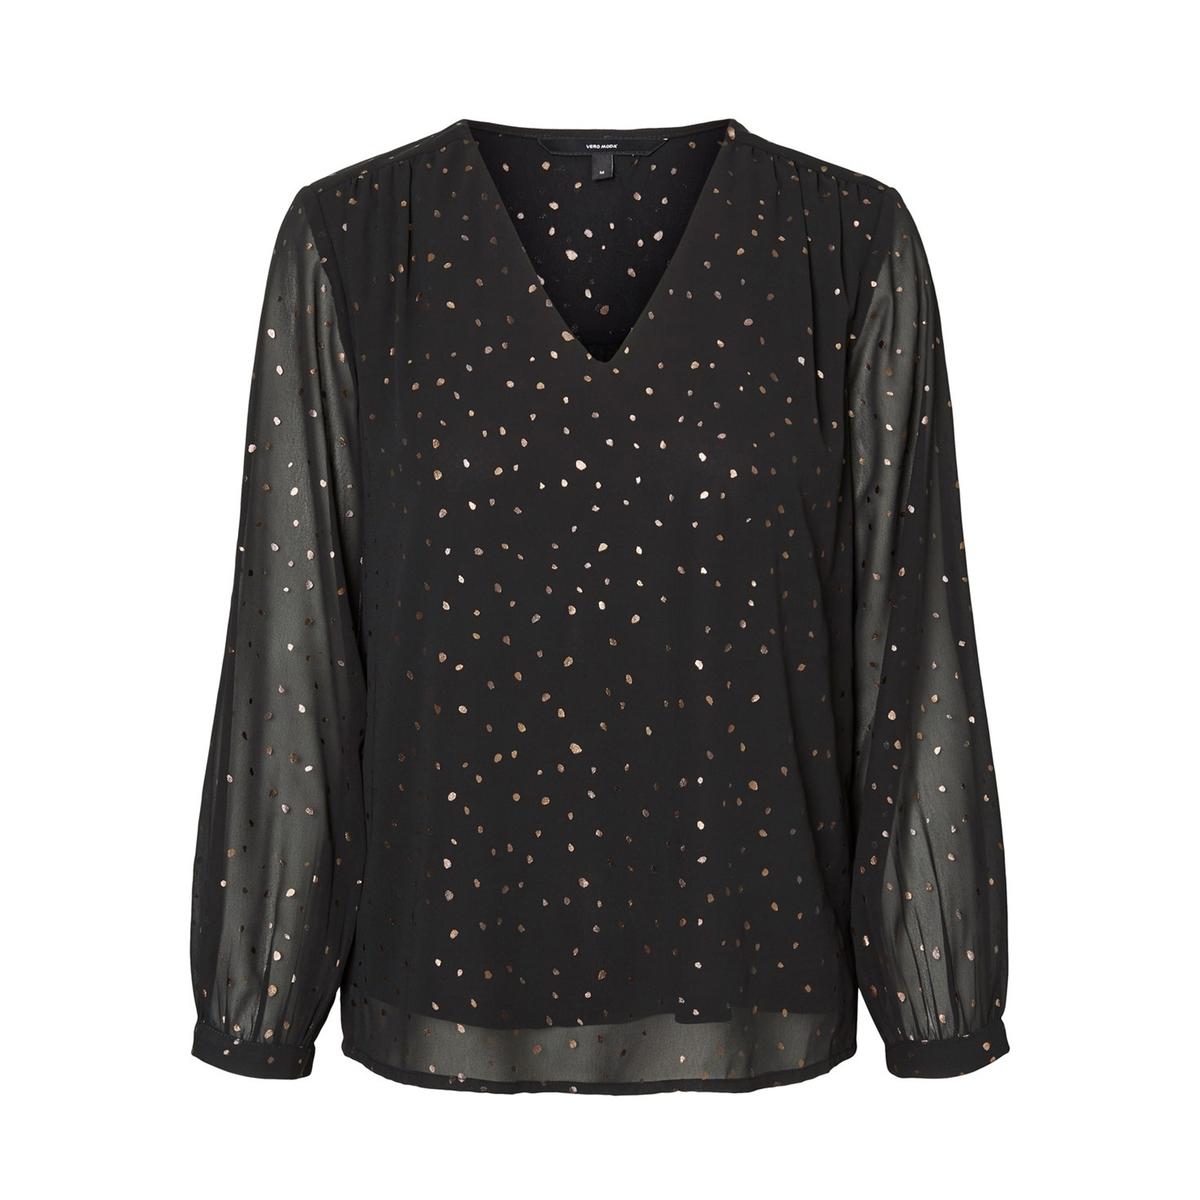 Блузка La Redoute С V-образным вырезом прозрачными рукавами и рисунком в горошек S черный футболка la redoute кружевная с v образным вырезом и рукавами l черный